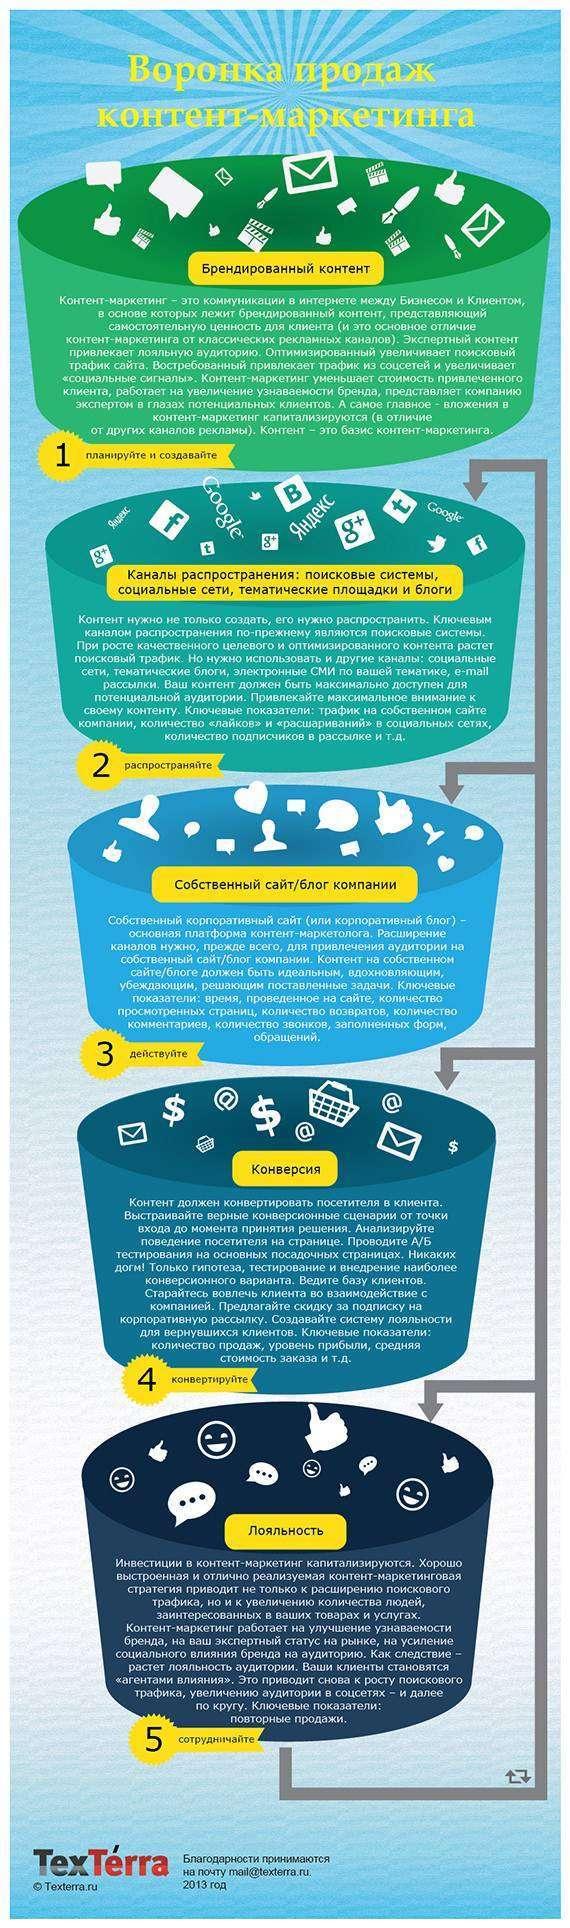 Воронка контент-маркетингу (Інфографіка)